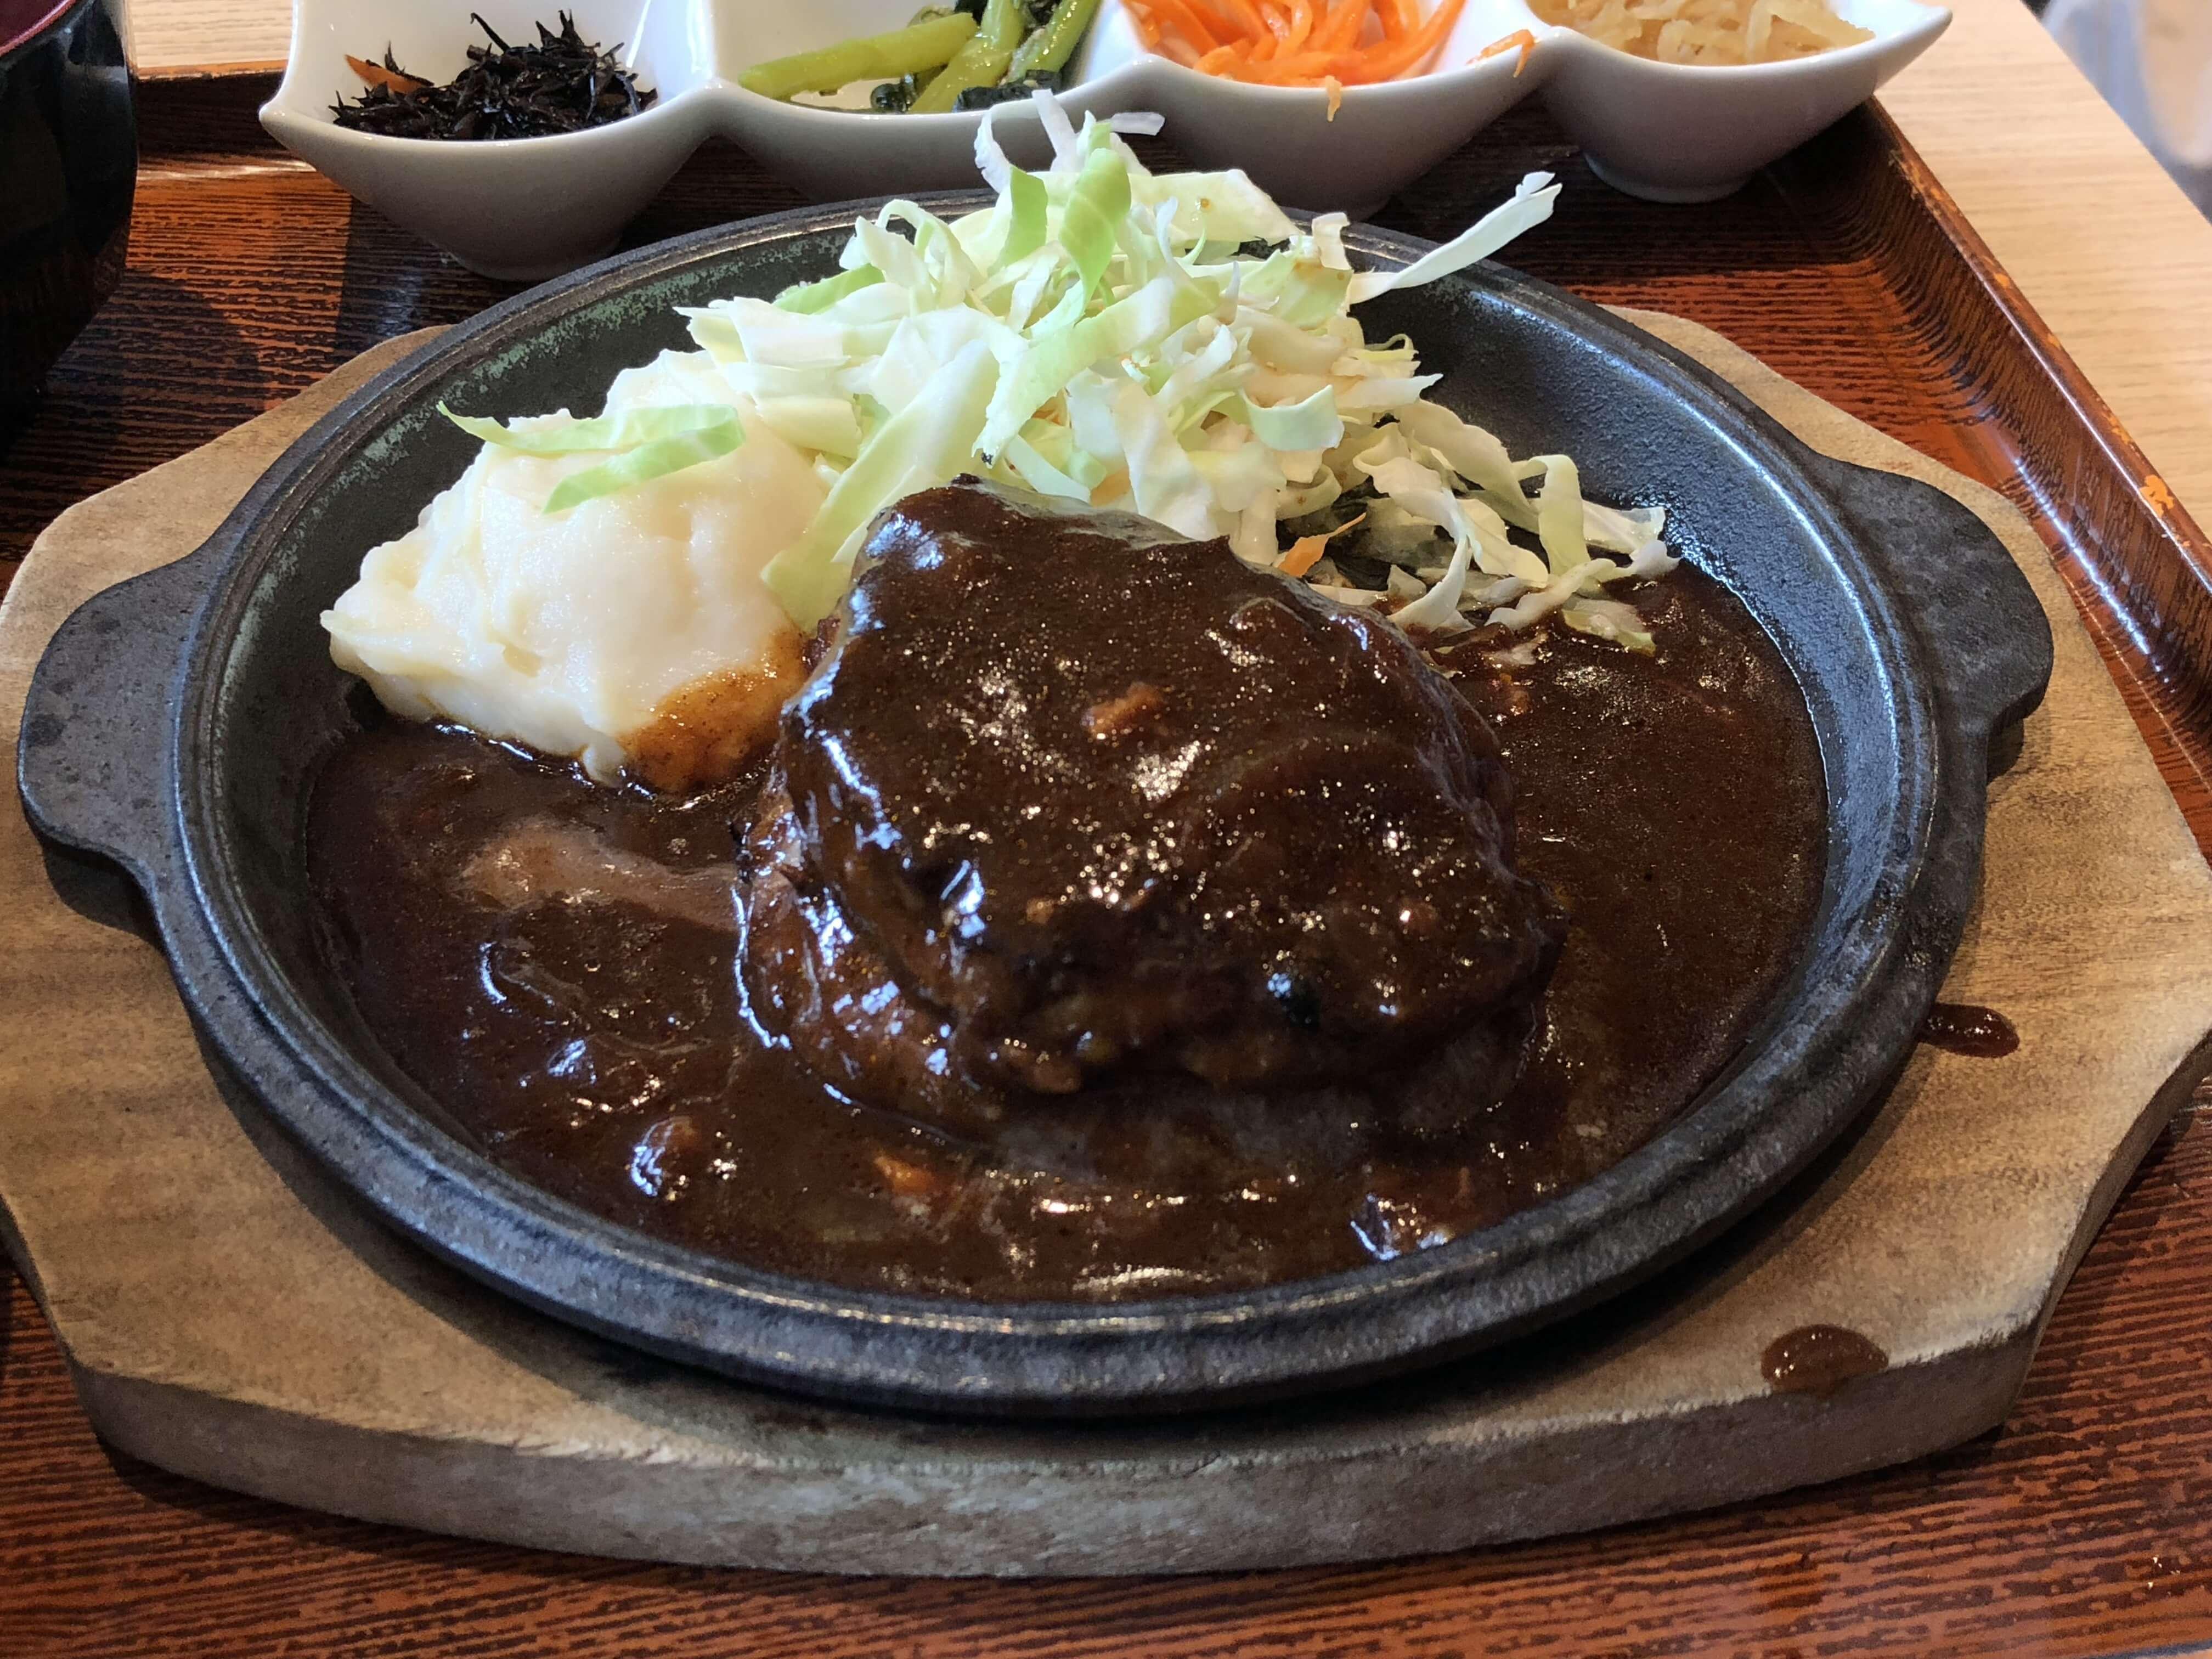 金沢発の和牛ハンバーグ専門店『 金澤ミート 』で金沢流手作りハンバーグを堪能せよ!